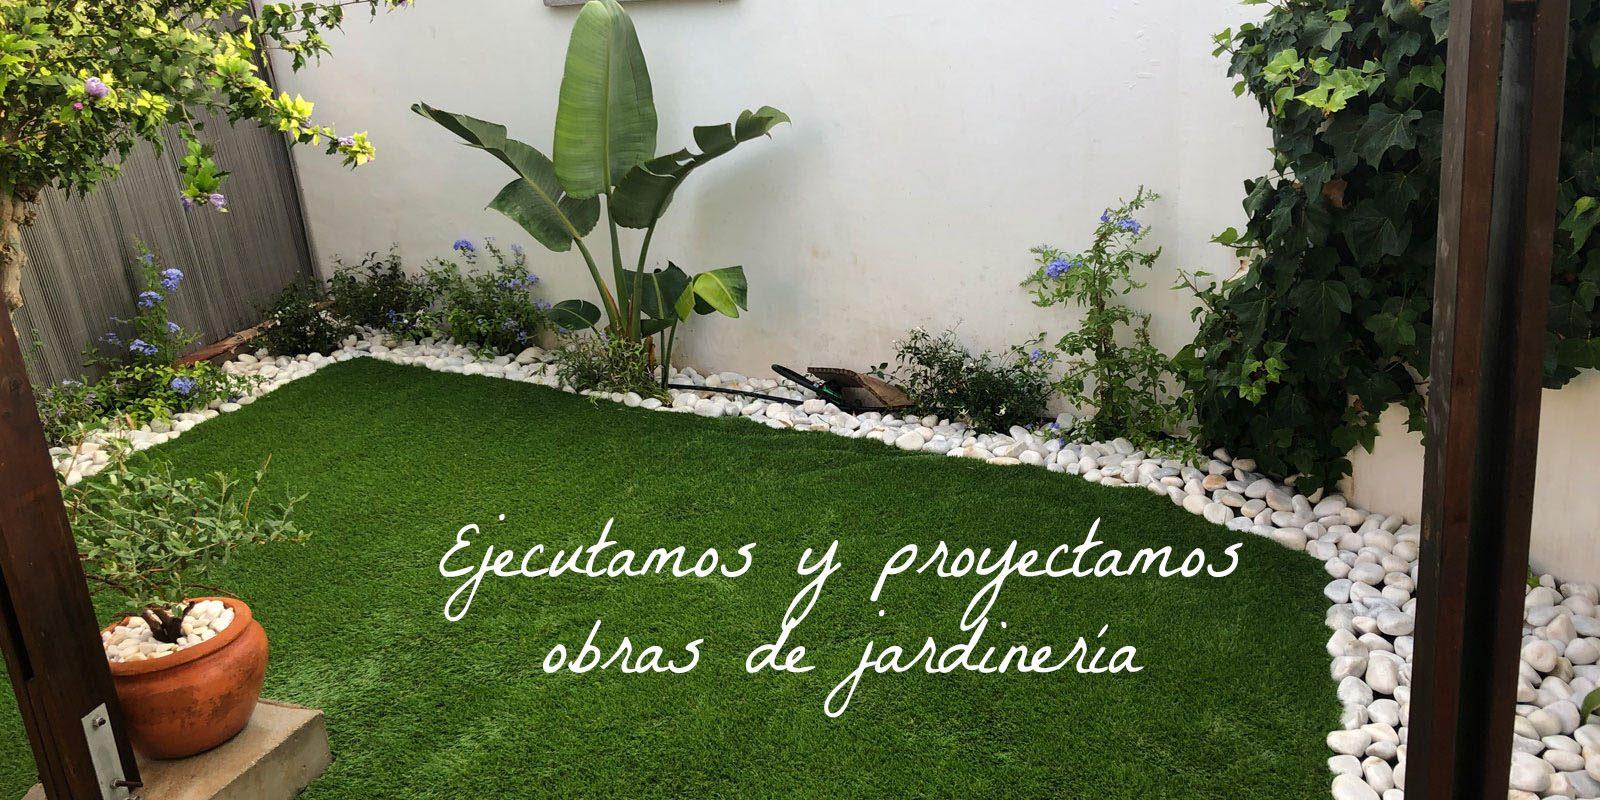 Ejecutamos y proyectamos obras de jardineria